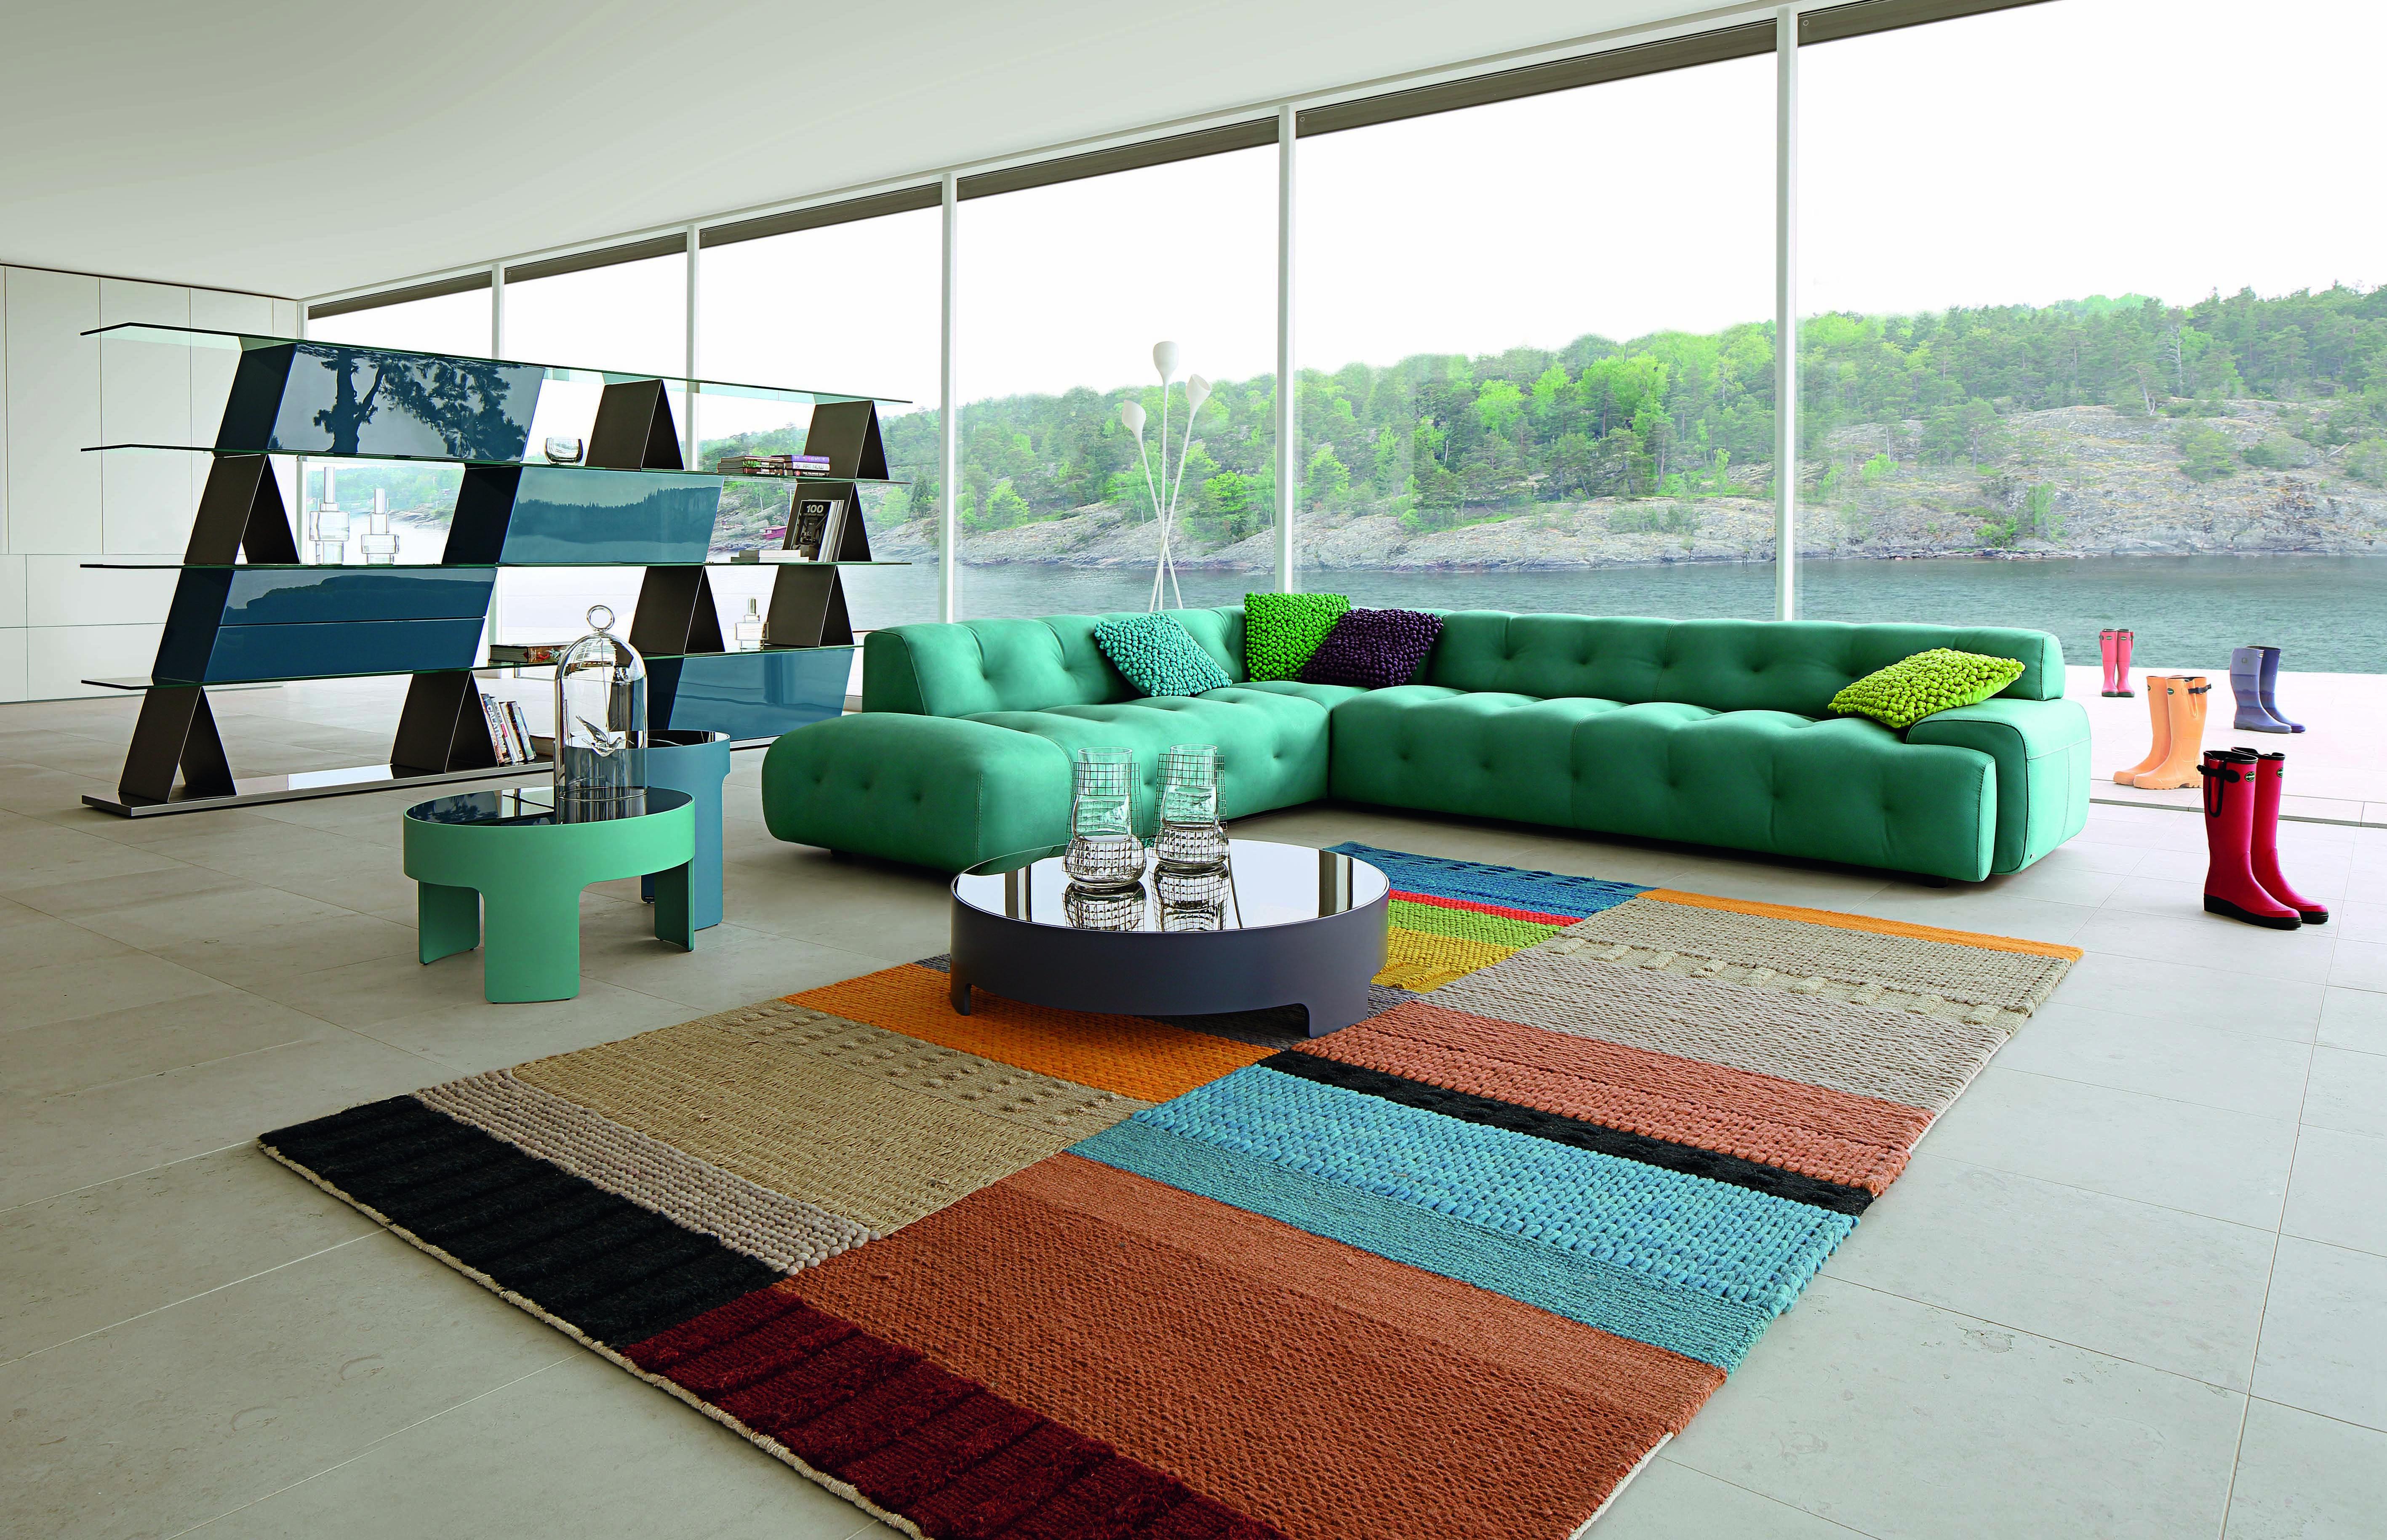 Roche Bobois Blogger Modular Sofa Design R Tapinassi M  # Muebles Roche Bobois